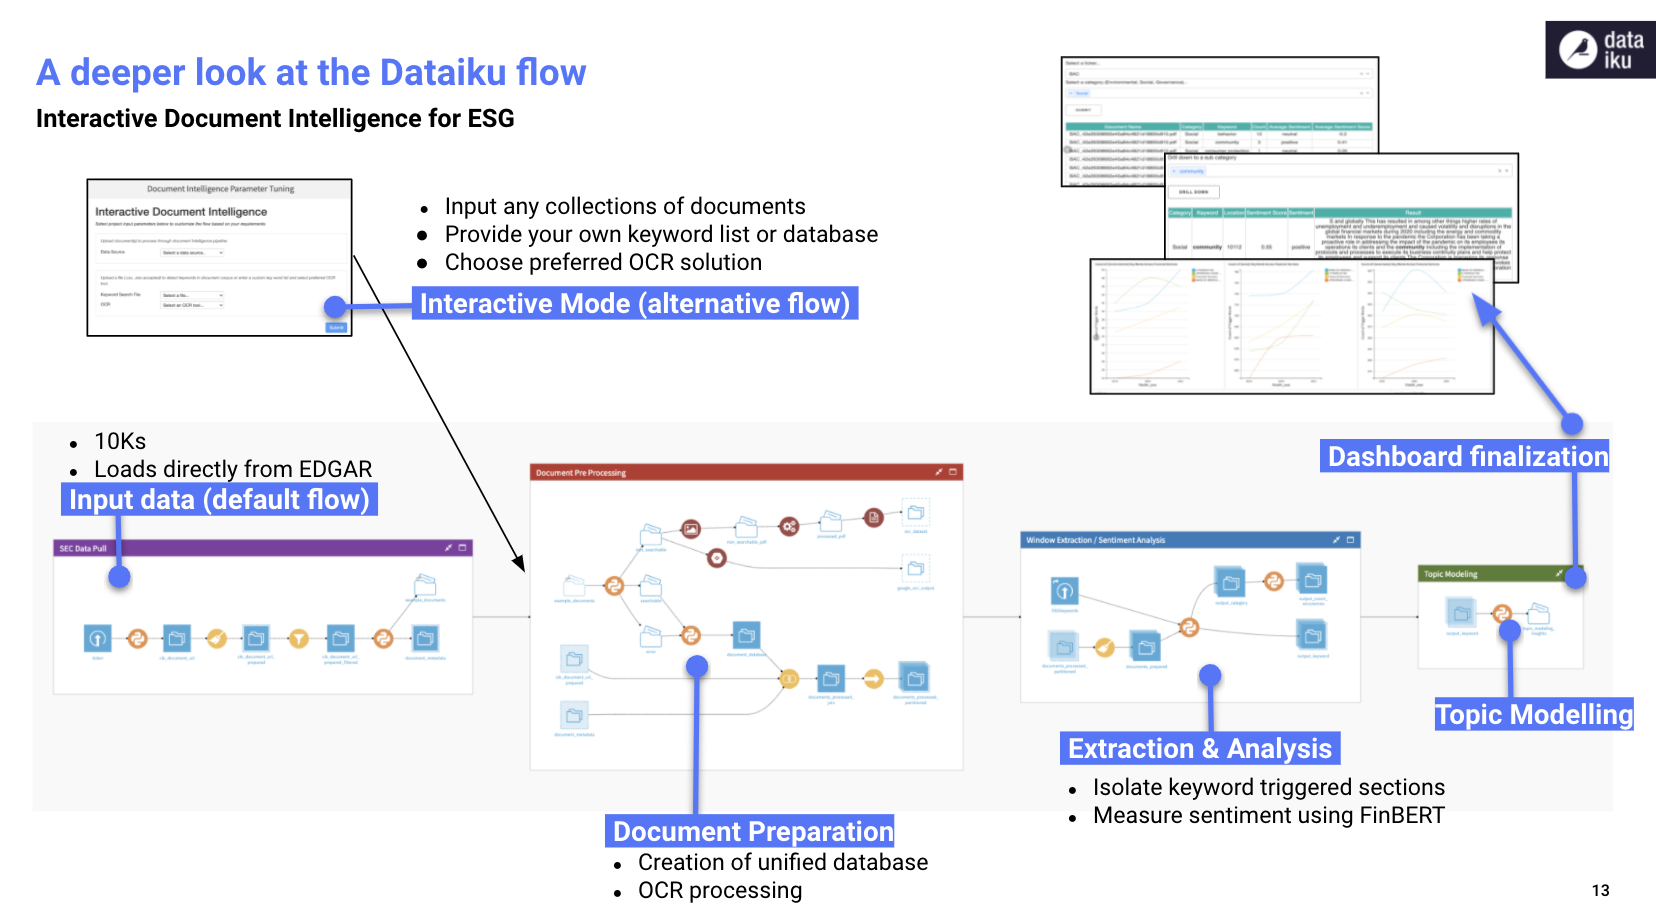 Dataiku flow for ESG